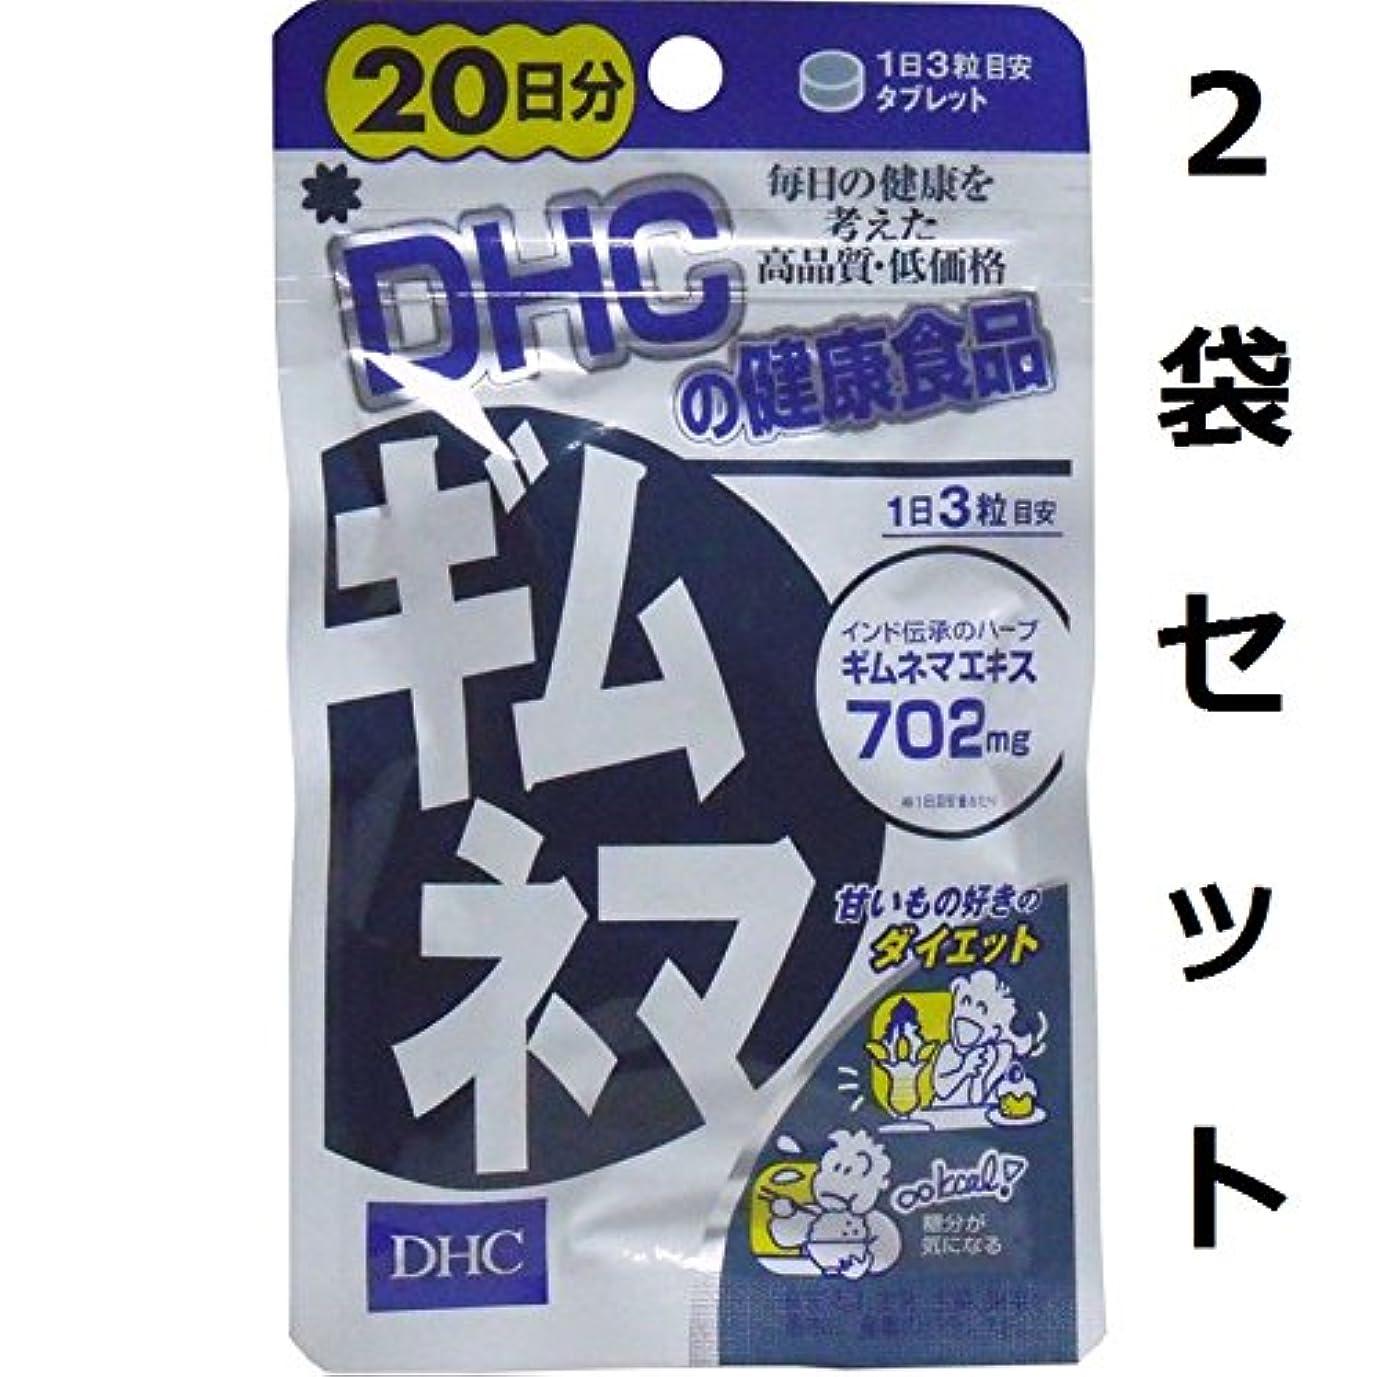 骨髄討論アジャ糖分や炭水化物を多く摂る人に DHC ギムネマ 20日分 60粒 2袋セット